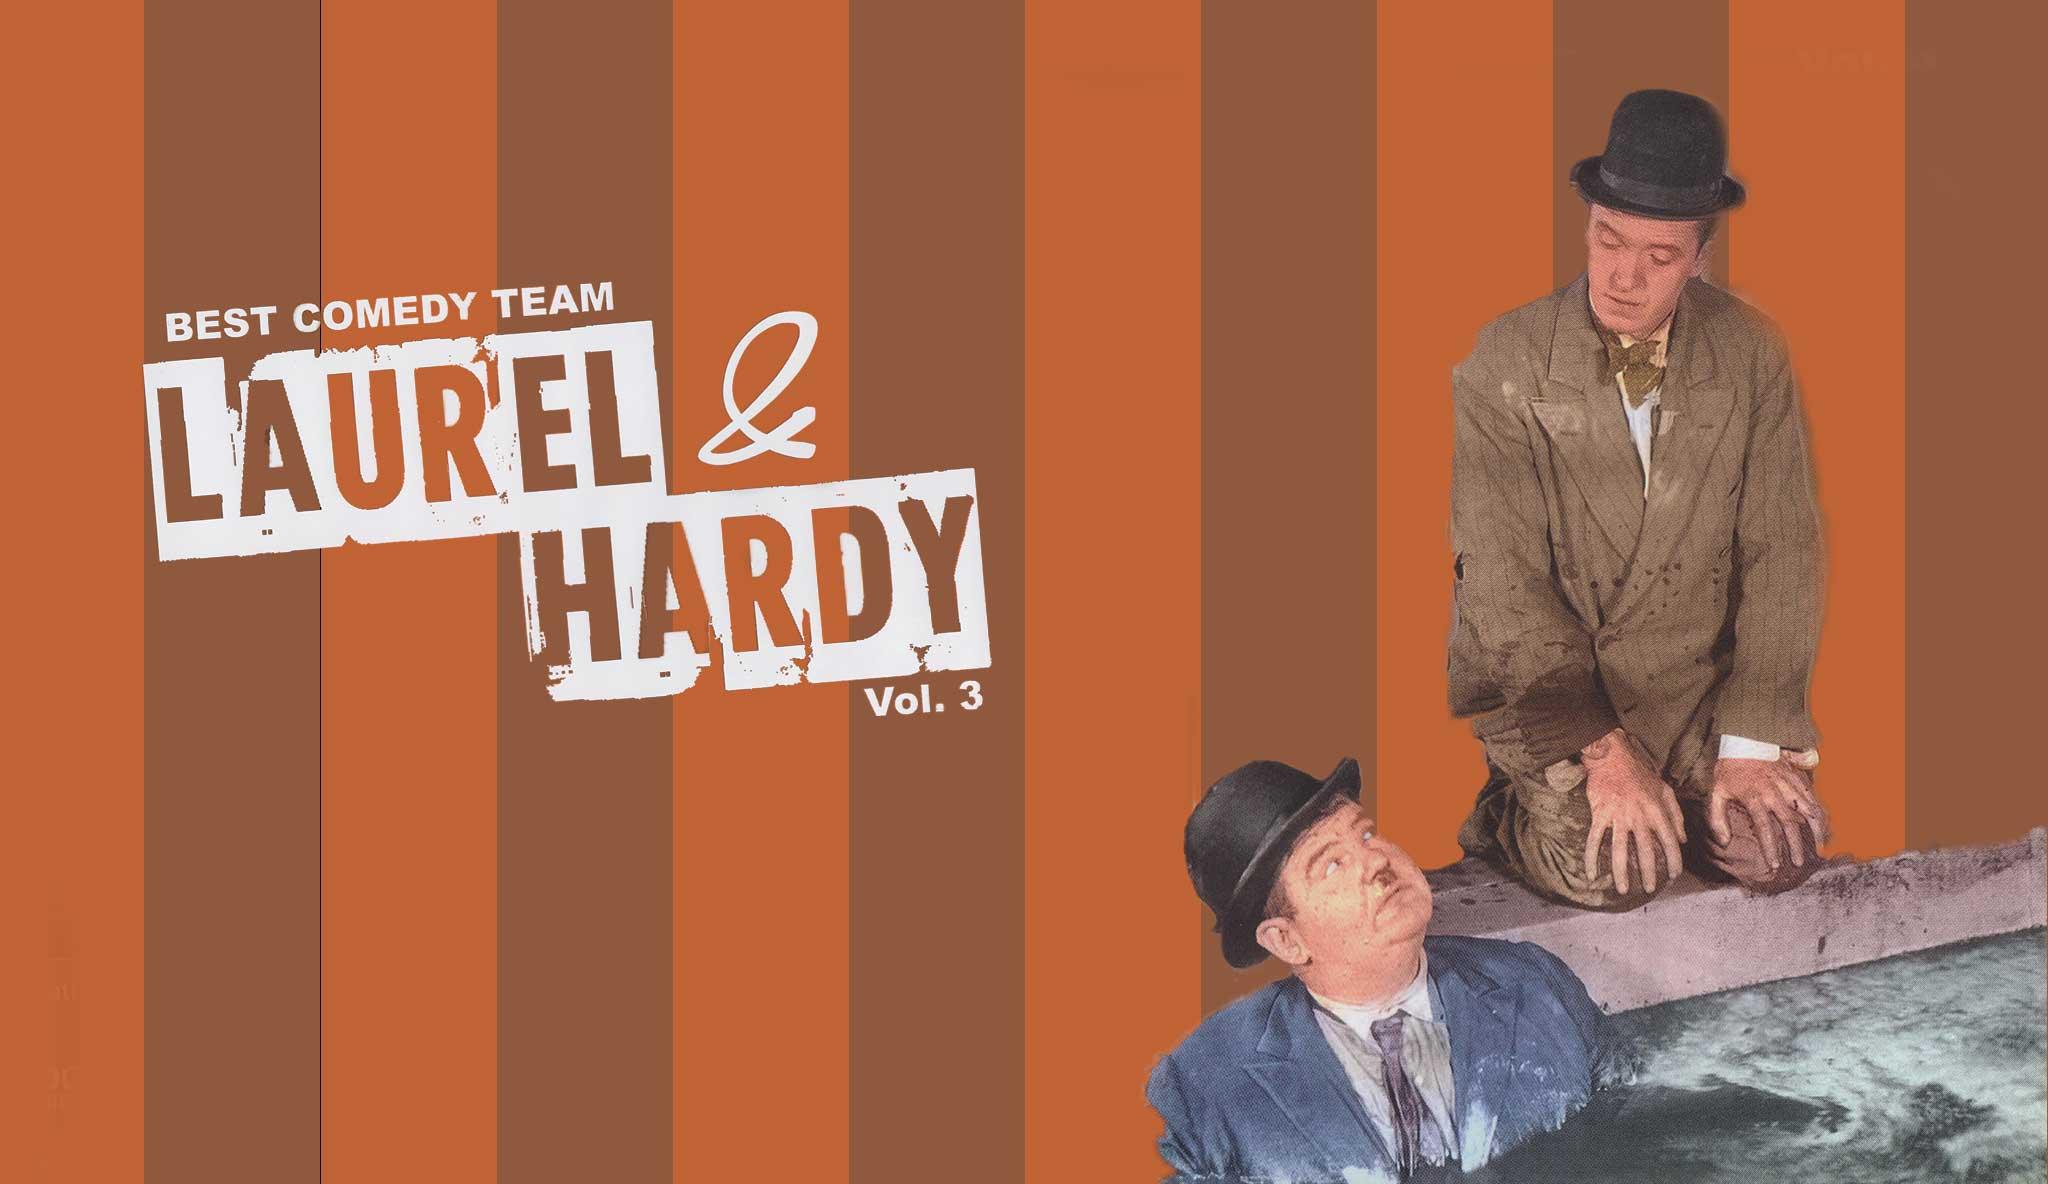 laurel-hardy-best-comedy-team-vol-3\header.jpg